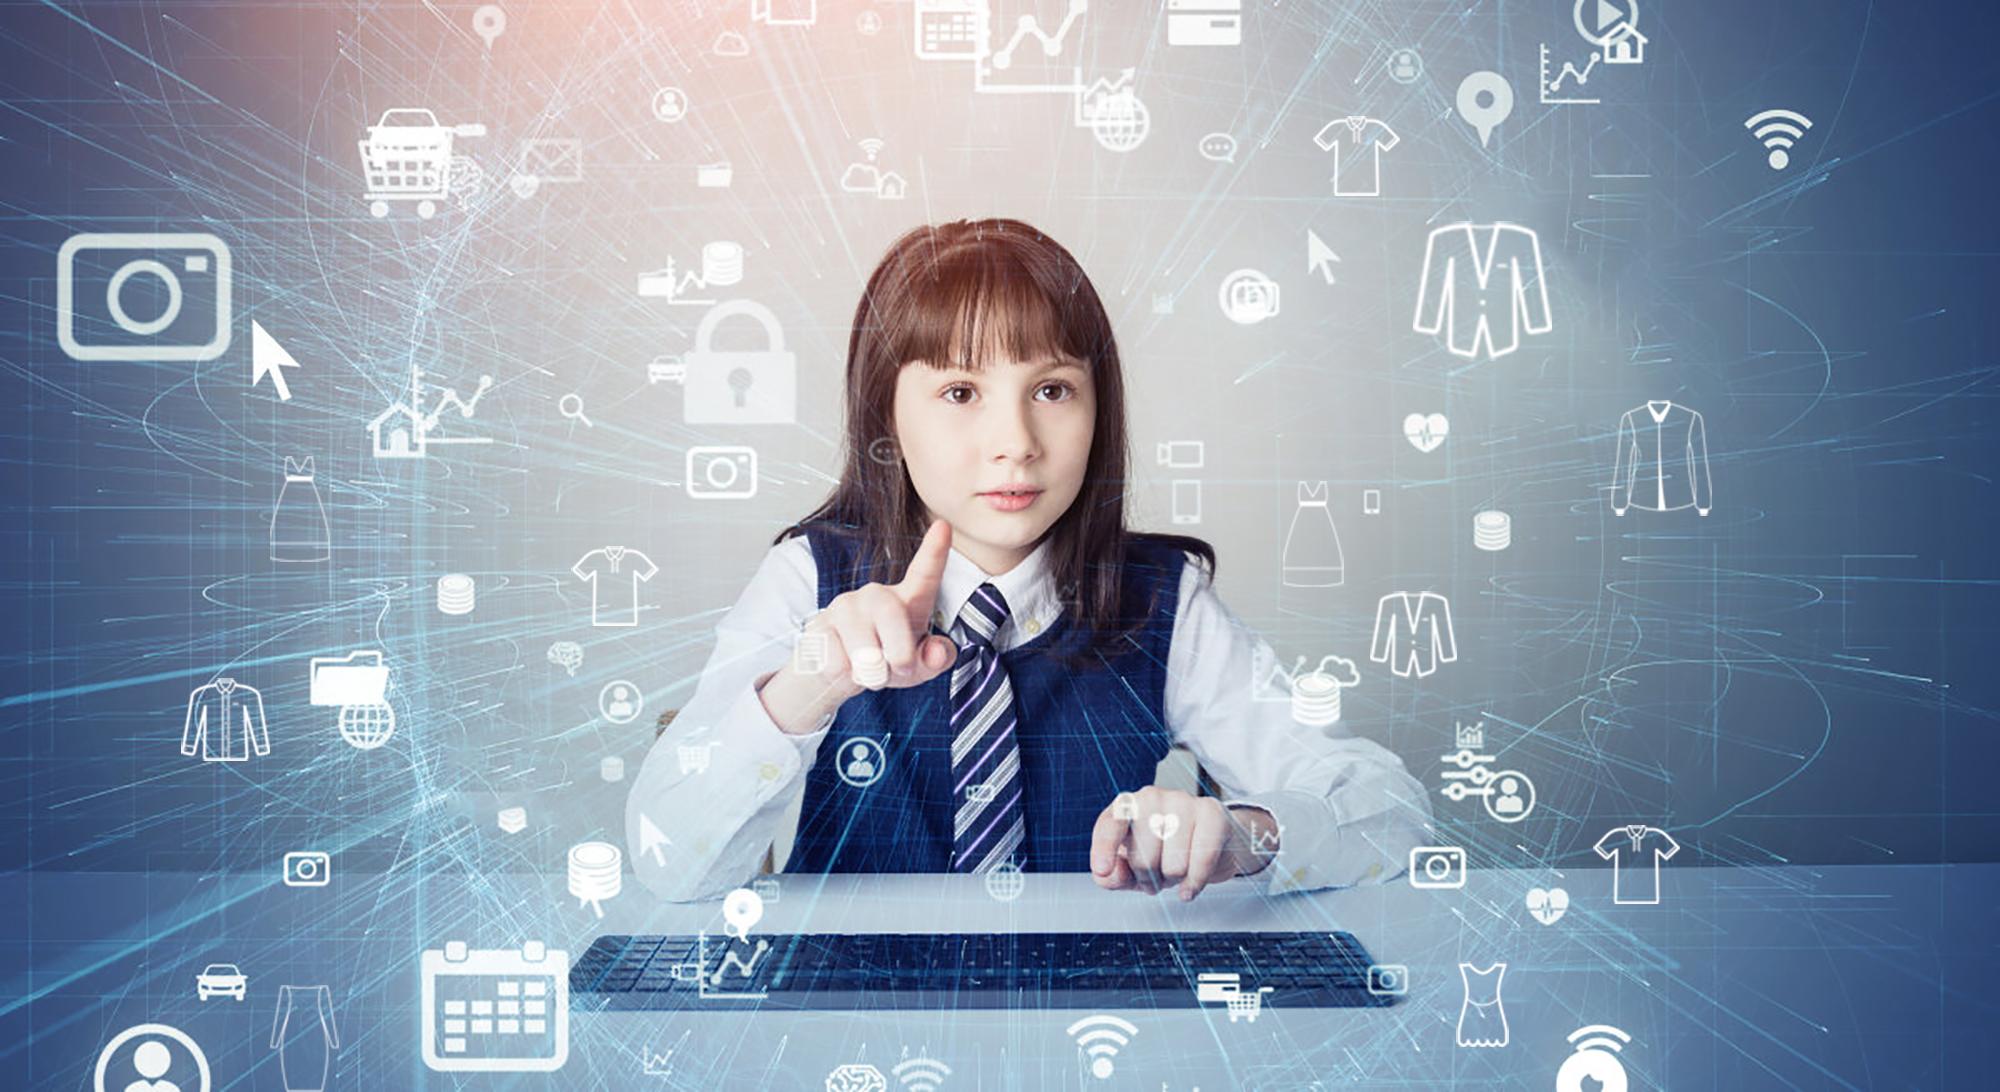 校服行业信息化转型之路